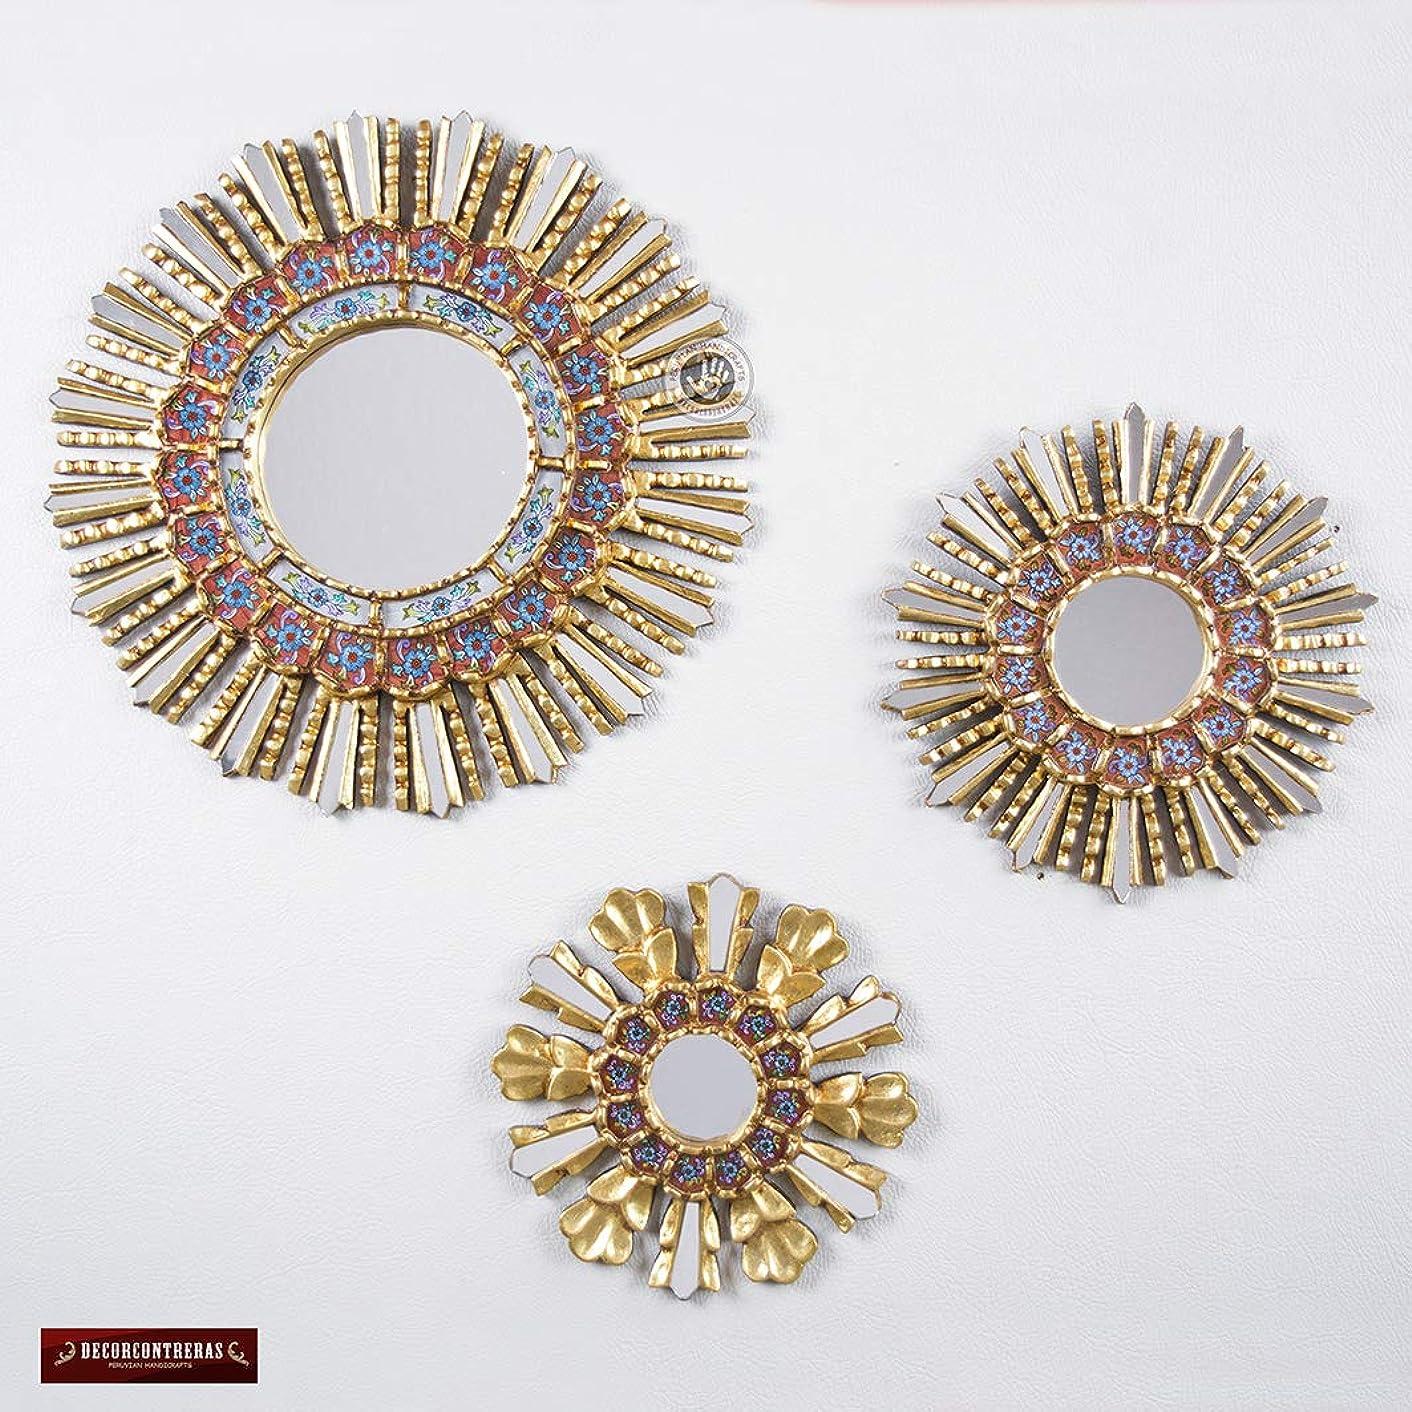 Peruvian Round Mirror Set 3, Sunburst Mirror set Wall Decor 17.7